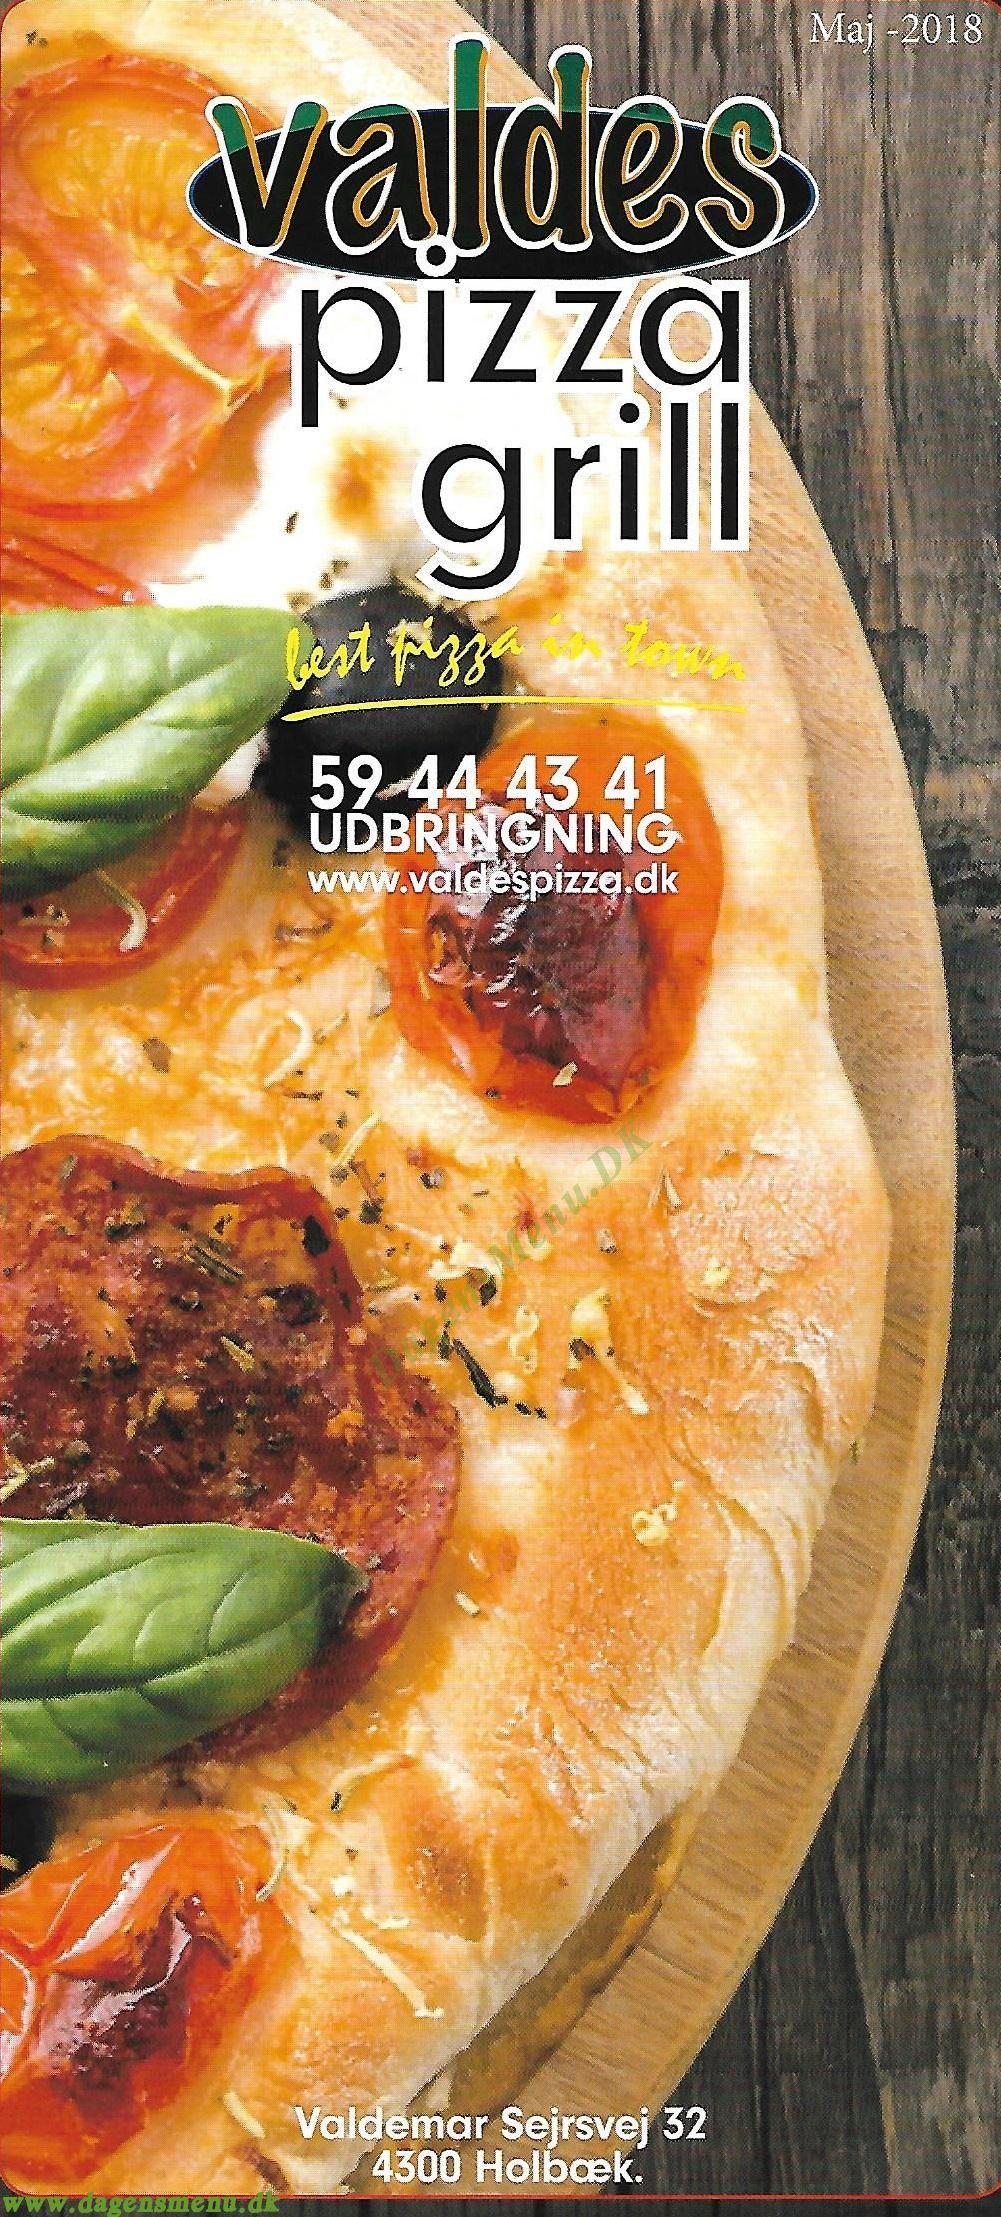 Valdes Pizza og grill - Menukort